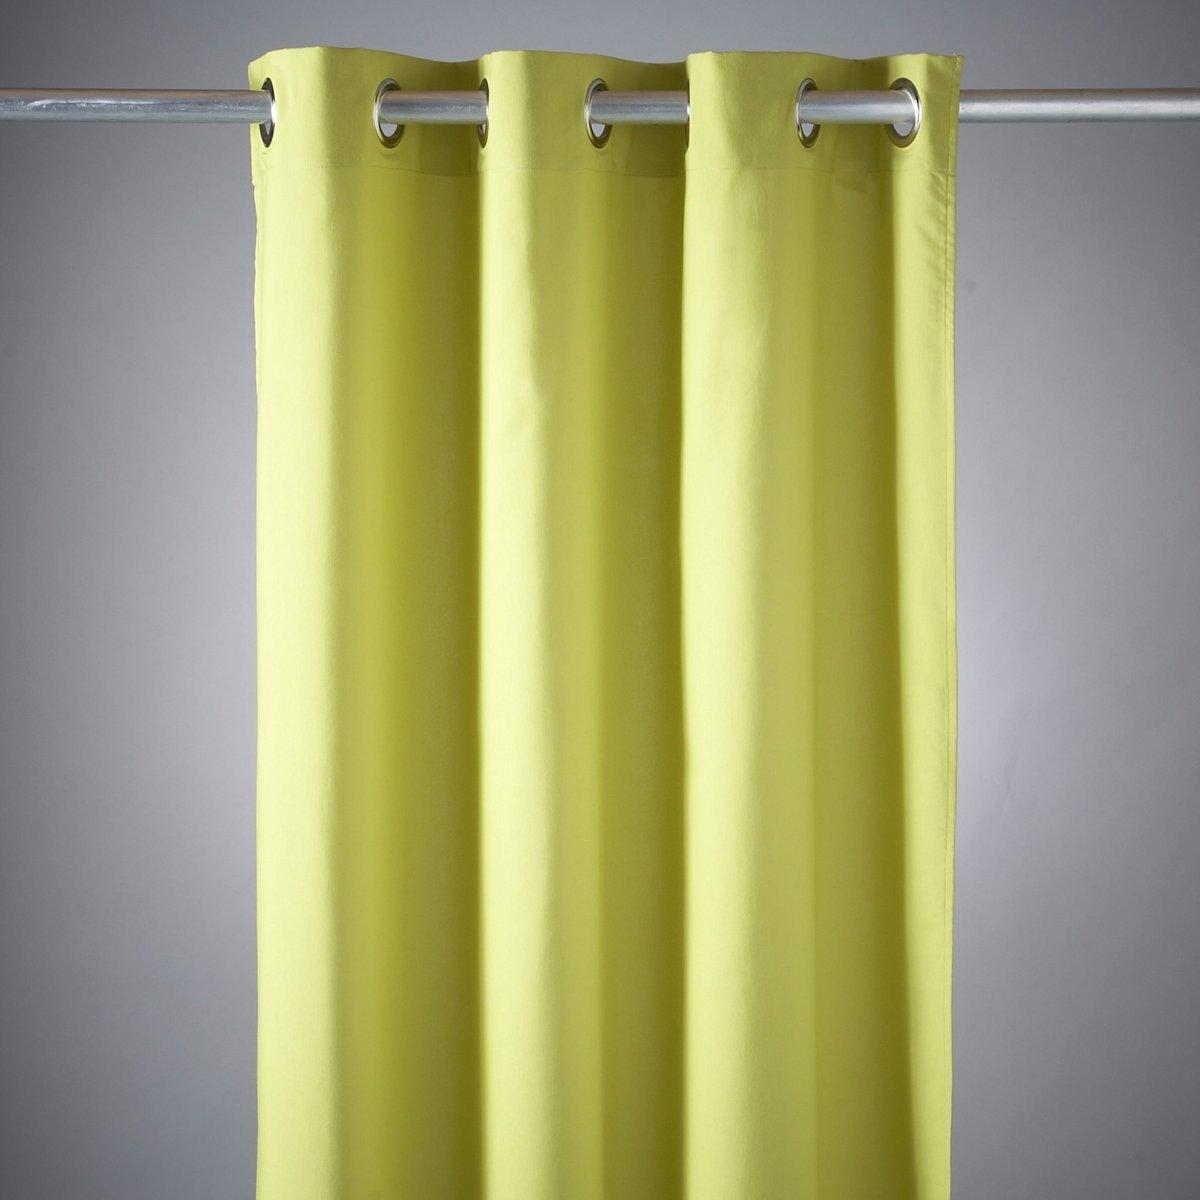 Штора для душа, качество люксКачество VALEUR S?RE за качество материала и тщательную отделку. Ткань, 65% полиэстера, 35% хлопка. Обработка ADVANCED Teflon® (водоотталкивающая обработка, сохраняющая текстуру ткани). Серебристые металлические люверсы. Стирка при 40°.<br><br>Цвет: зеленый анис